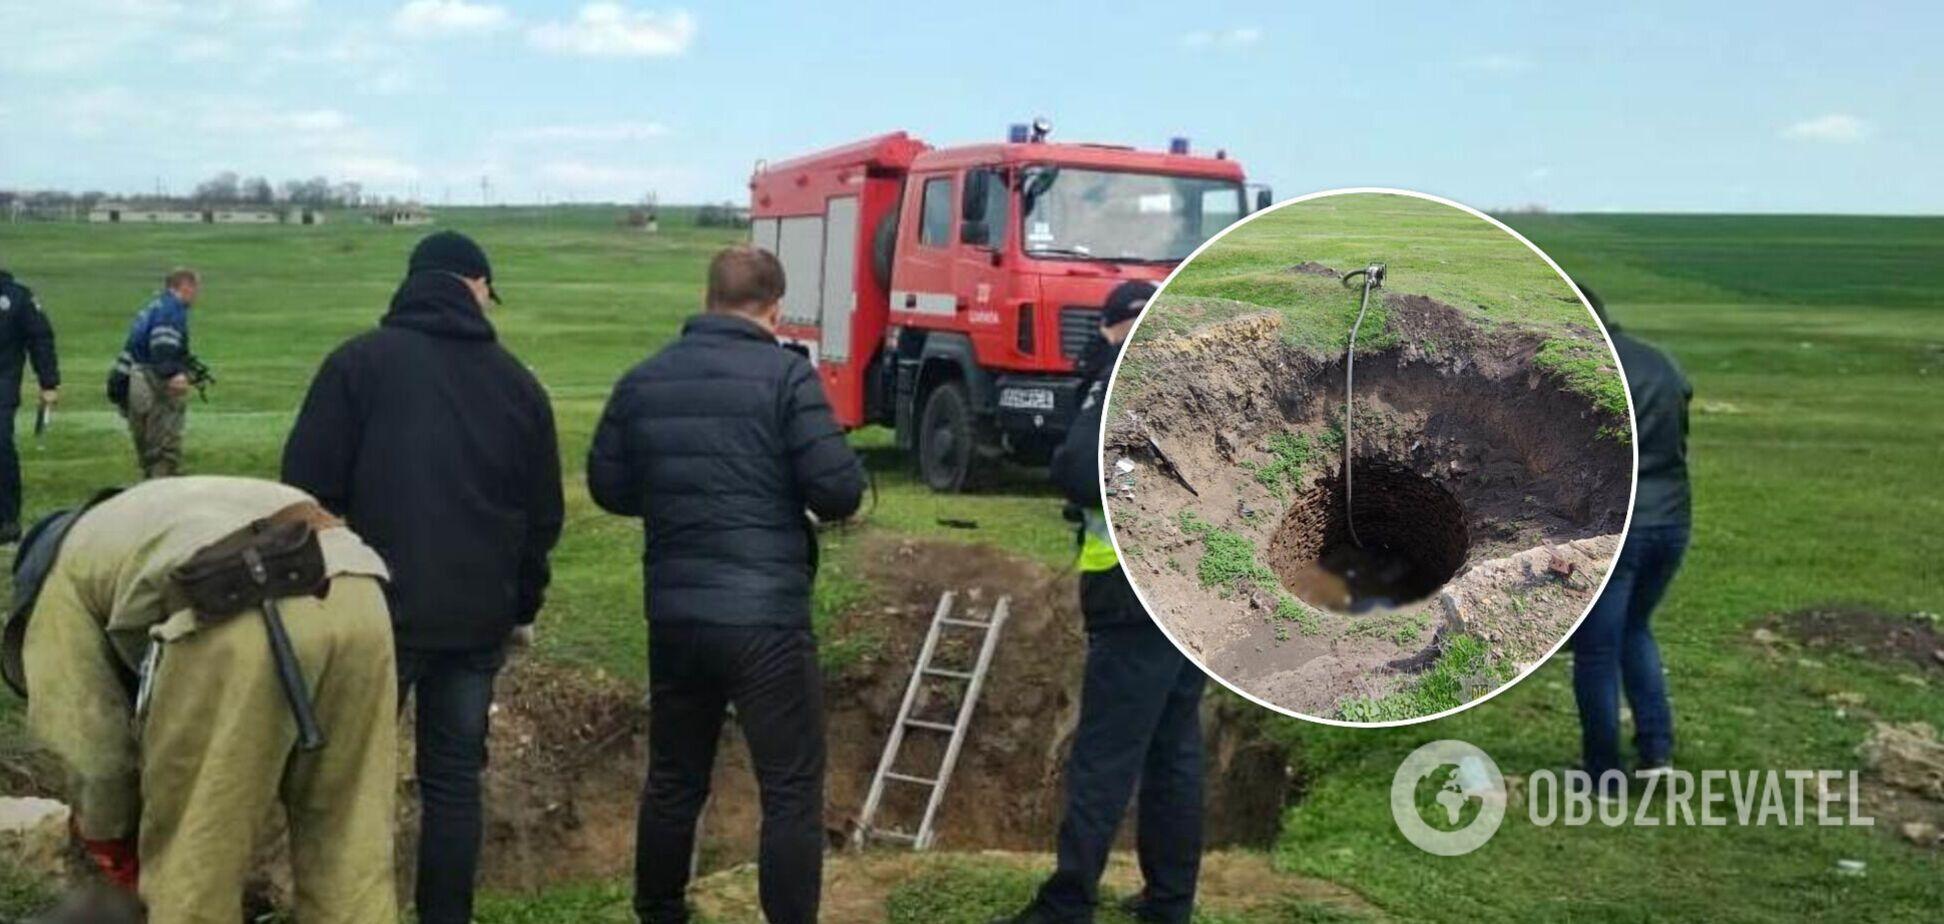 Появились первые подробности о гибели четырех человек в Одесской области